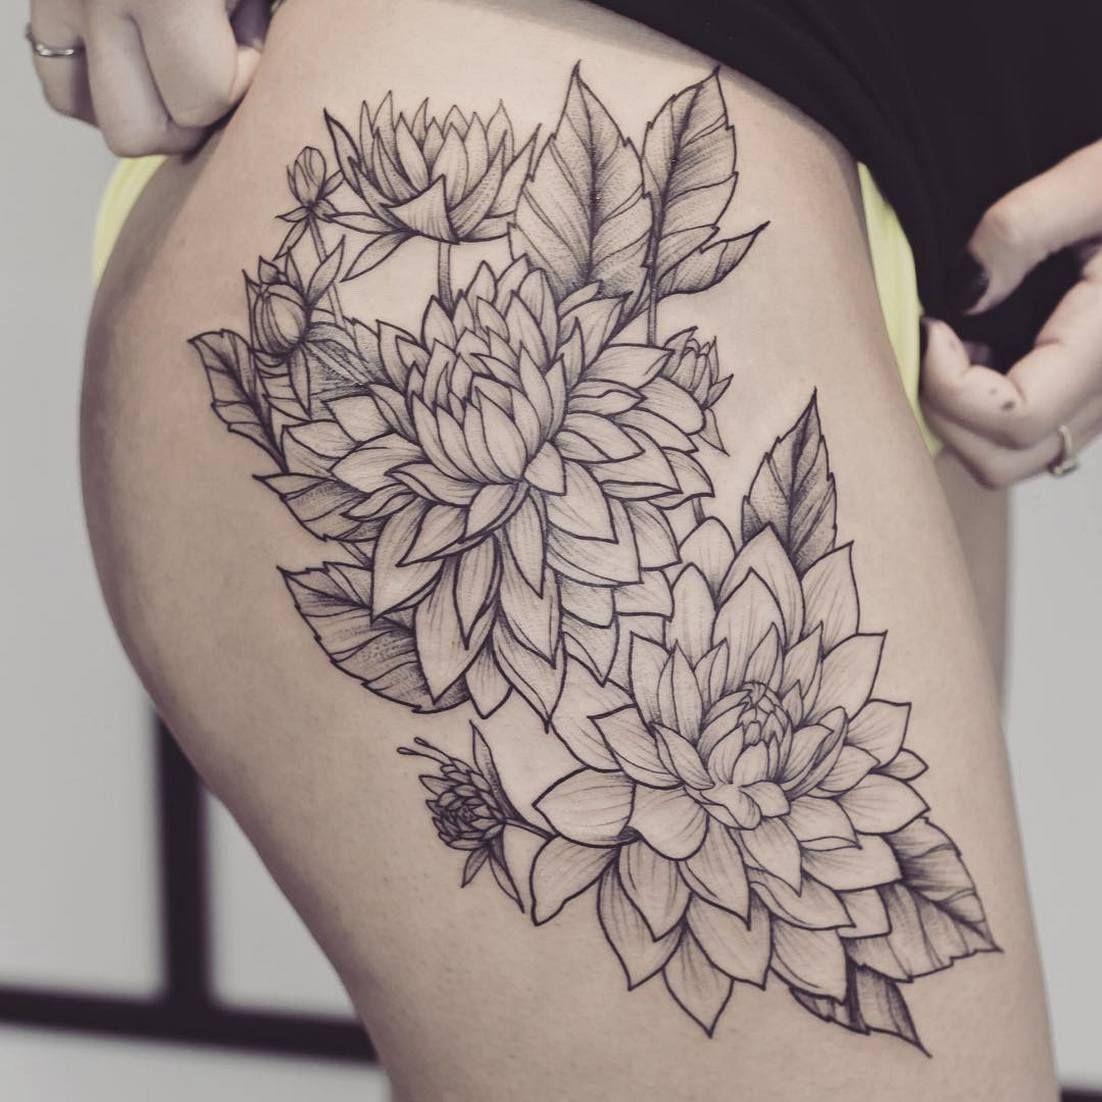 top 20 dahlia flower tattoo design ideas dahlia tattoo tattoo rh pinterest com dahlia flower tattoo small black dahlia flower tattoo meaning